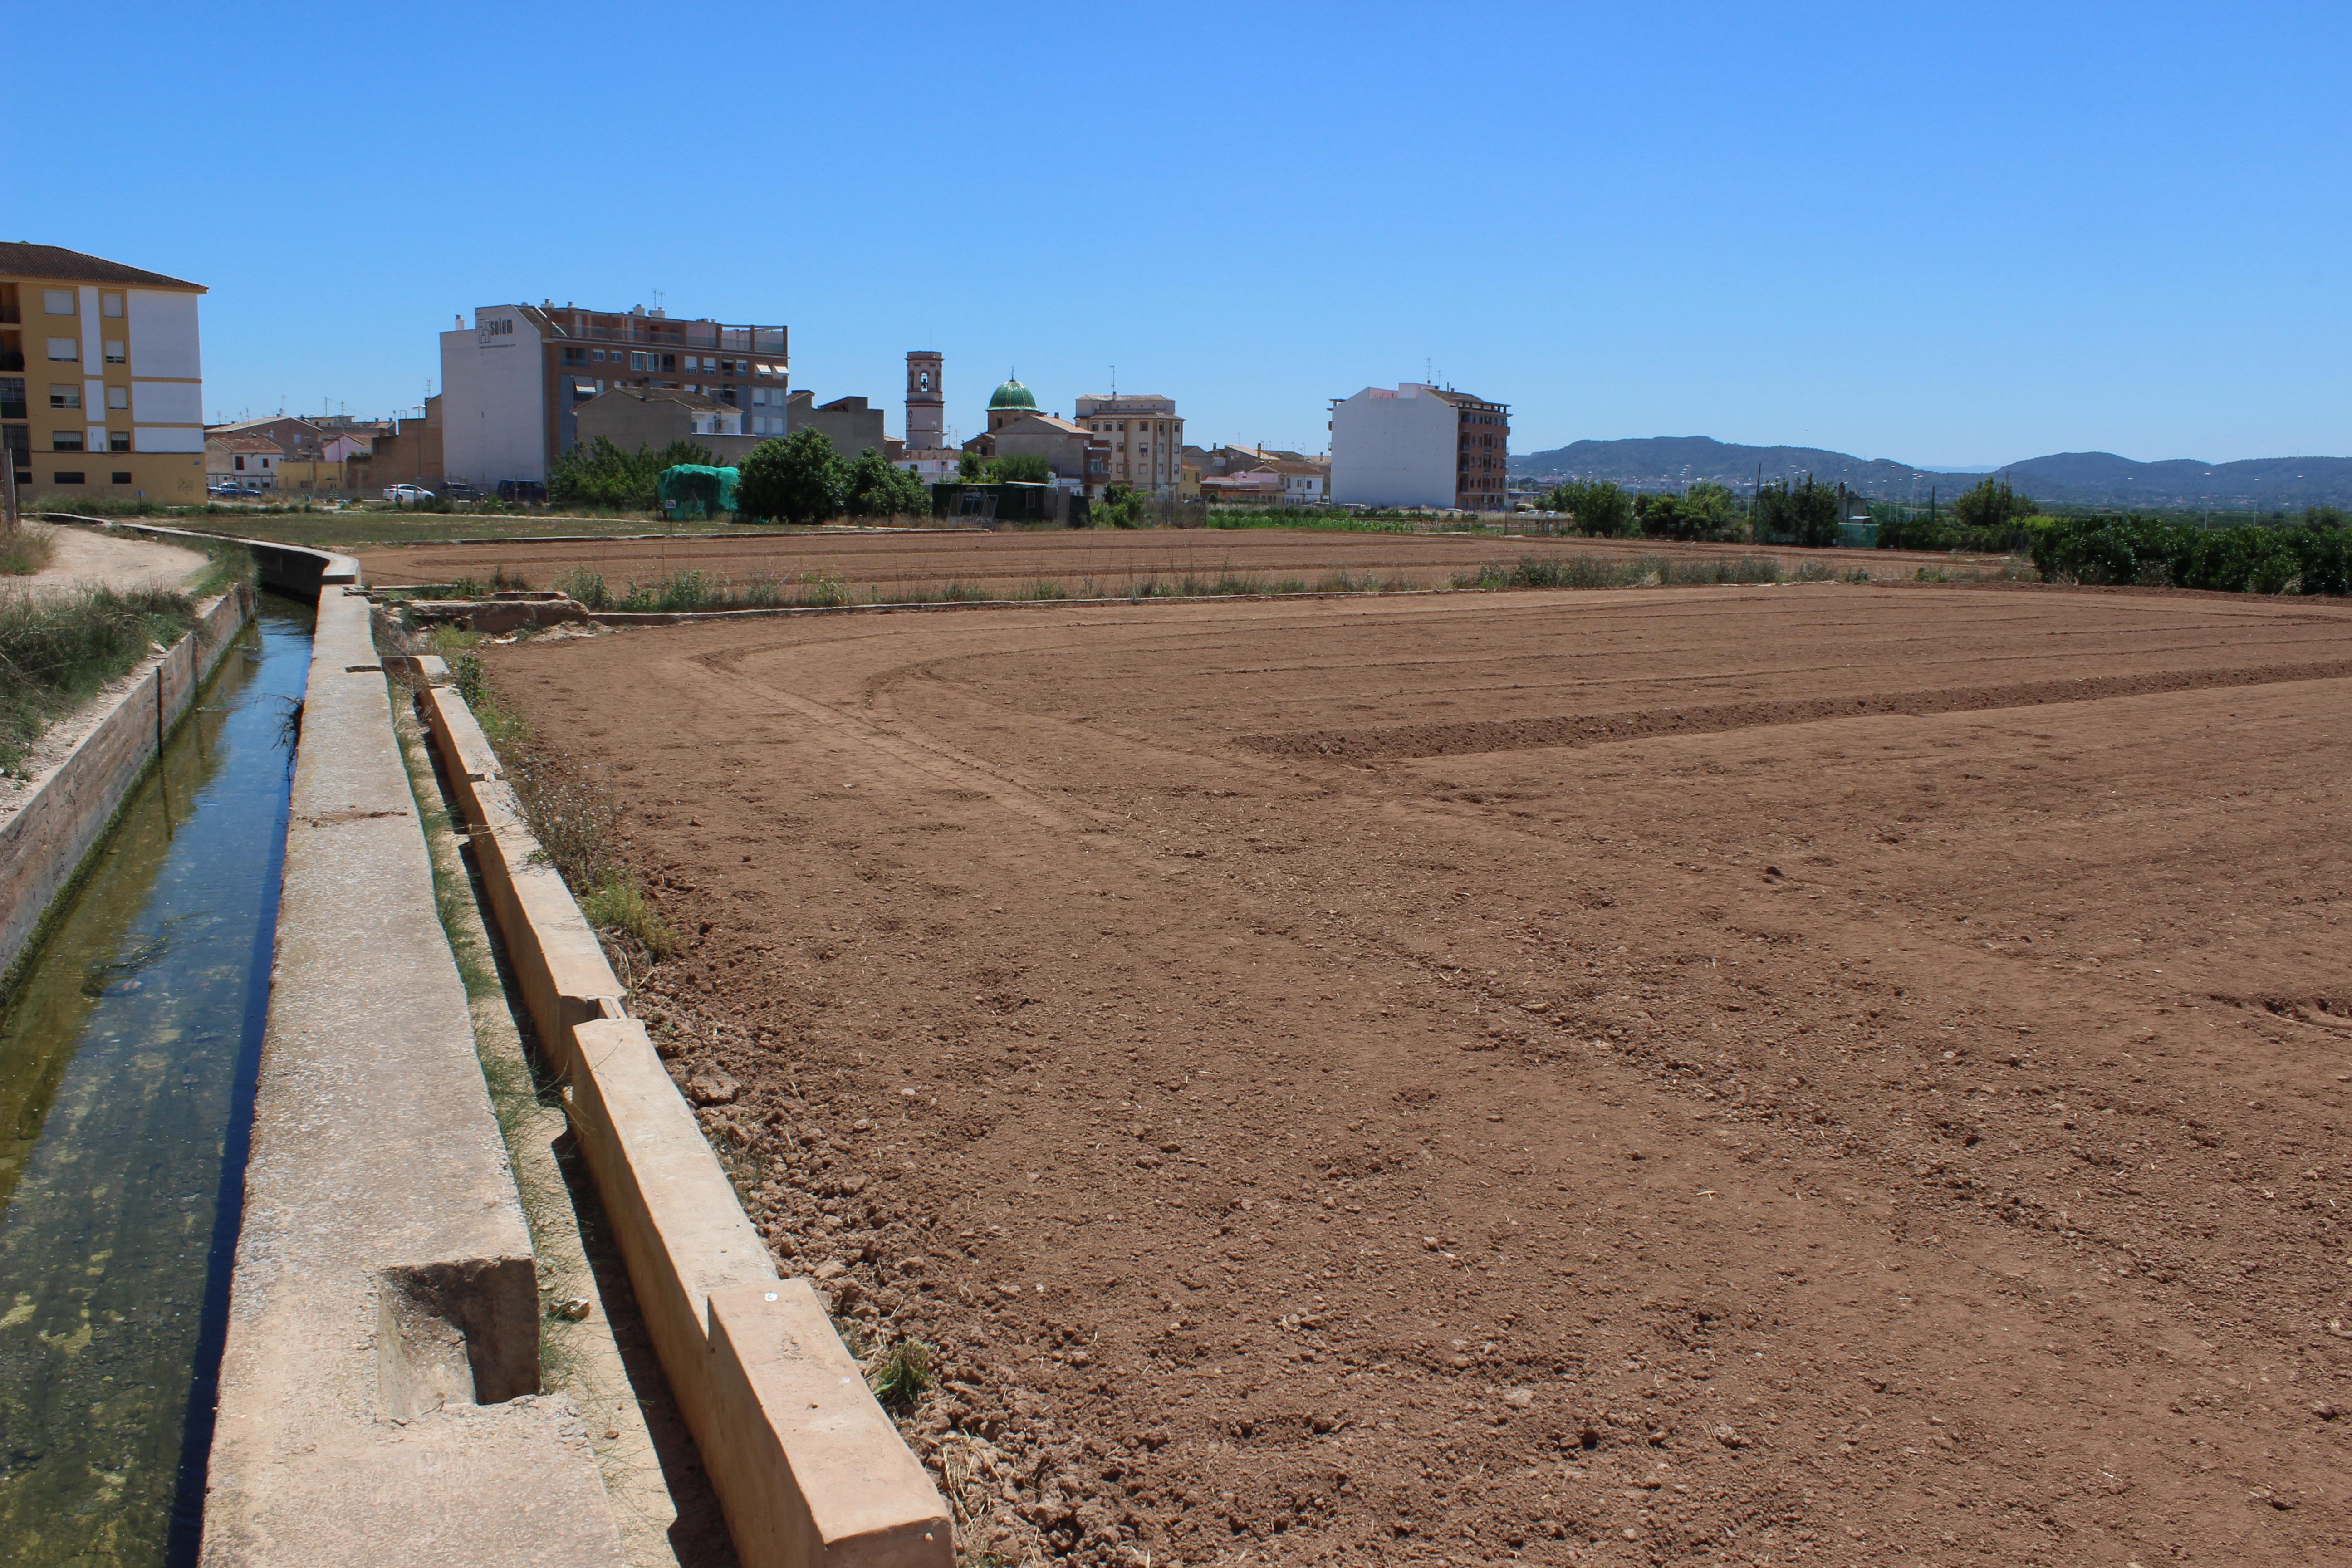 L'ordenança exigeix que els solars i terrenys estiguen nets dos vegades l'any.